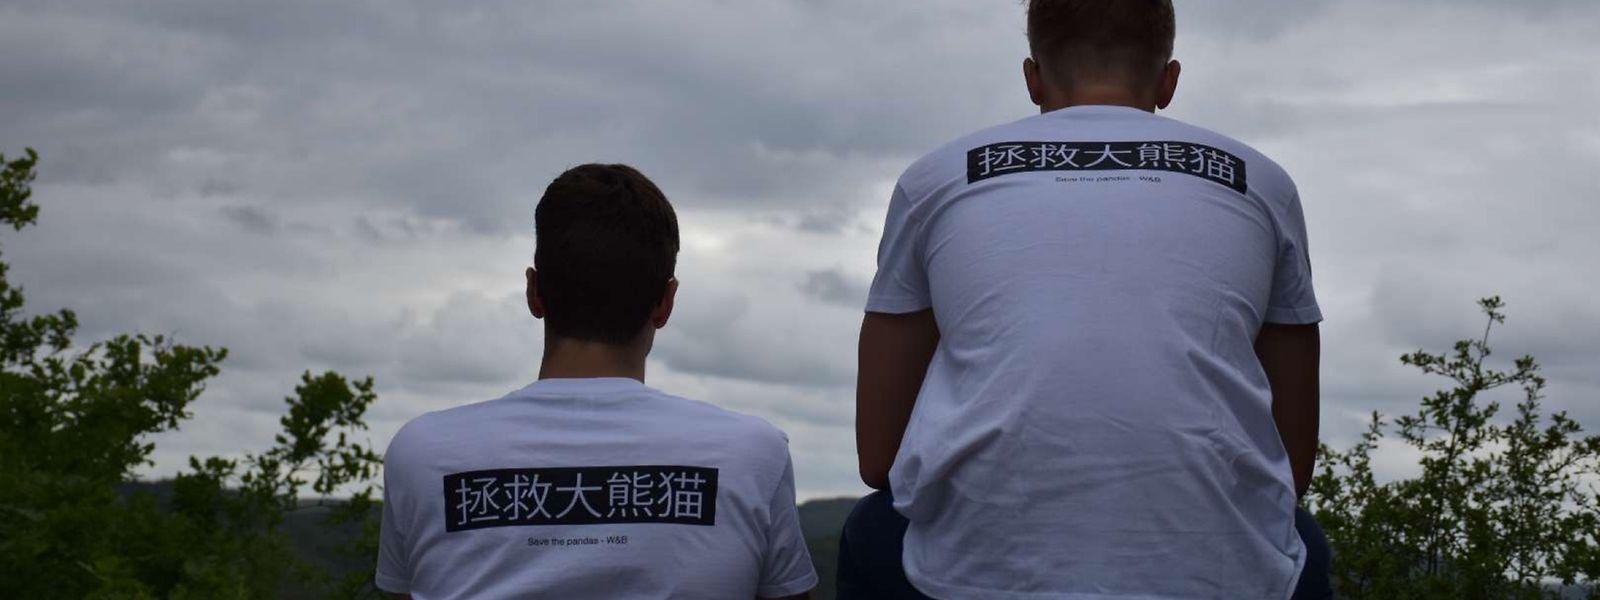 """""""Rettet die Pandas"""": Die chinesischen Schriftzeichen auf dem Rücken entstammen der Feder von Rémi Fabiani und Jacques Schmitz (r.)."""